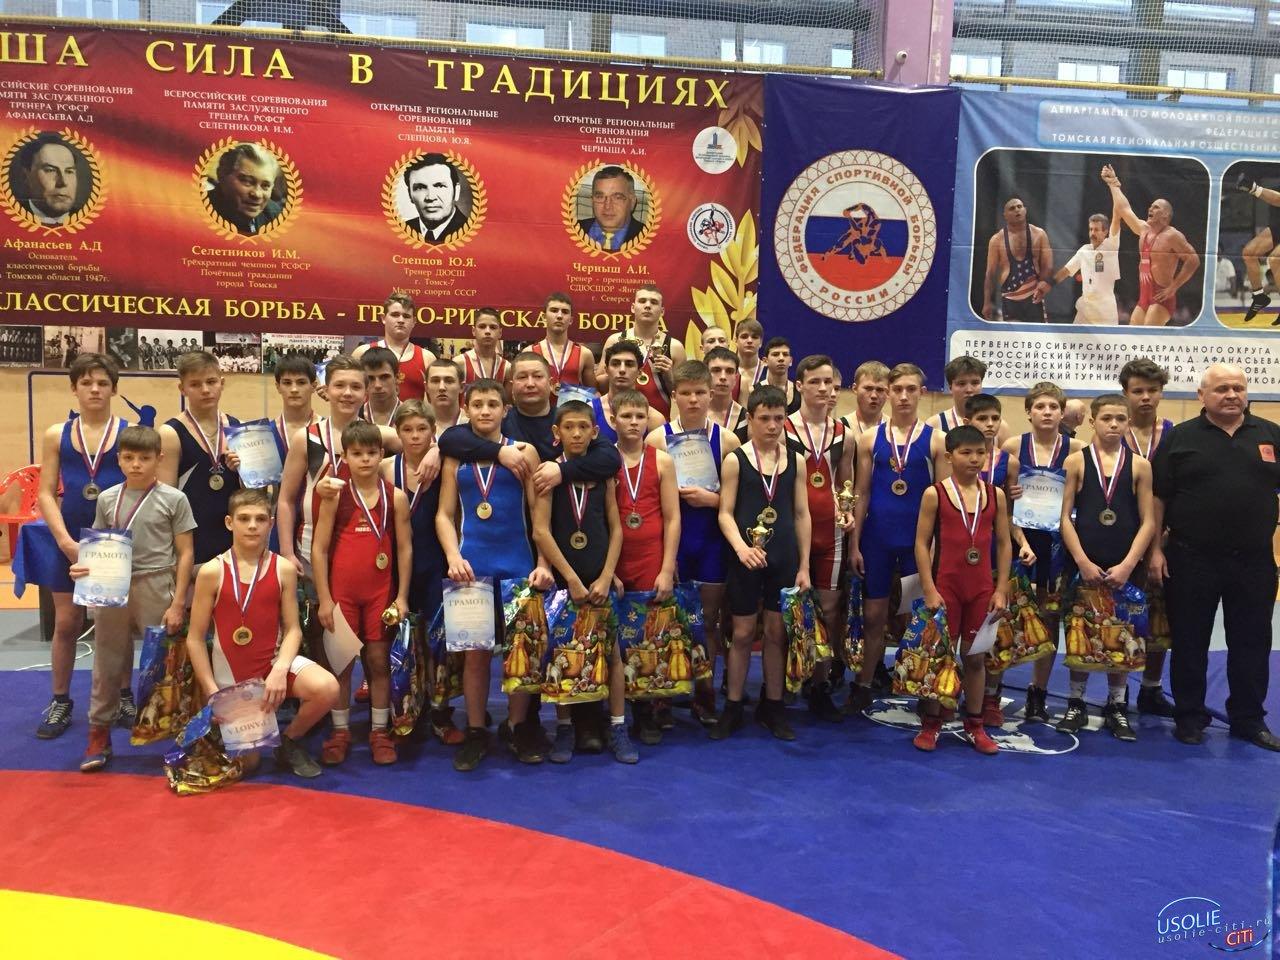 Давид Фрунзе и Ярослав Суворов завоевали медали. Победы усольских борцов